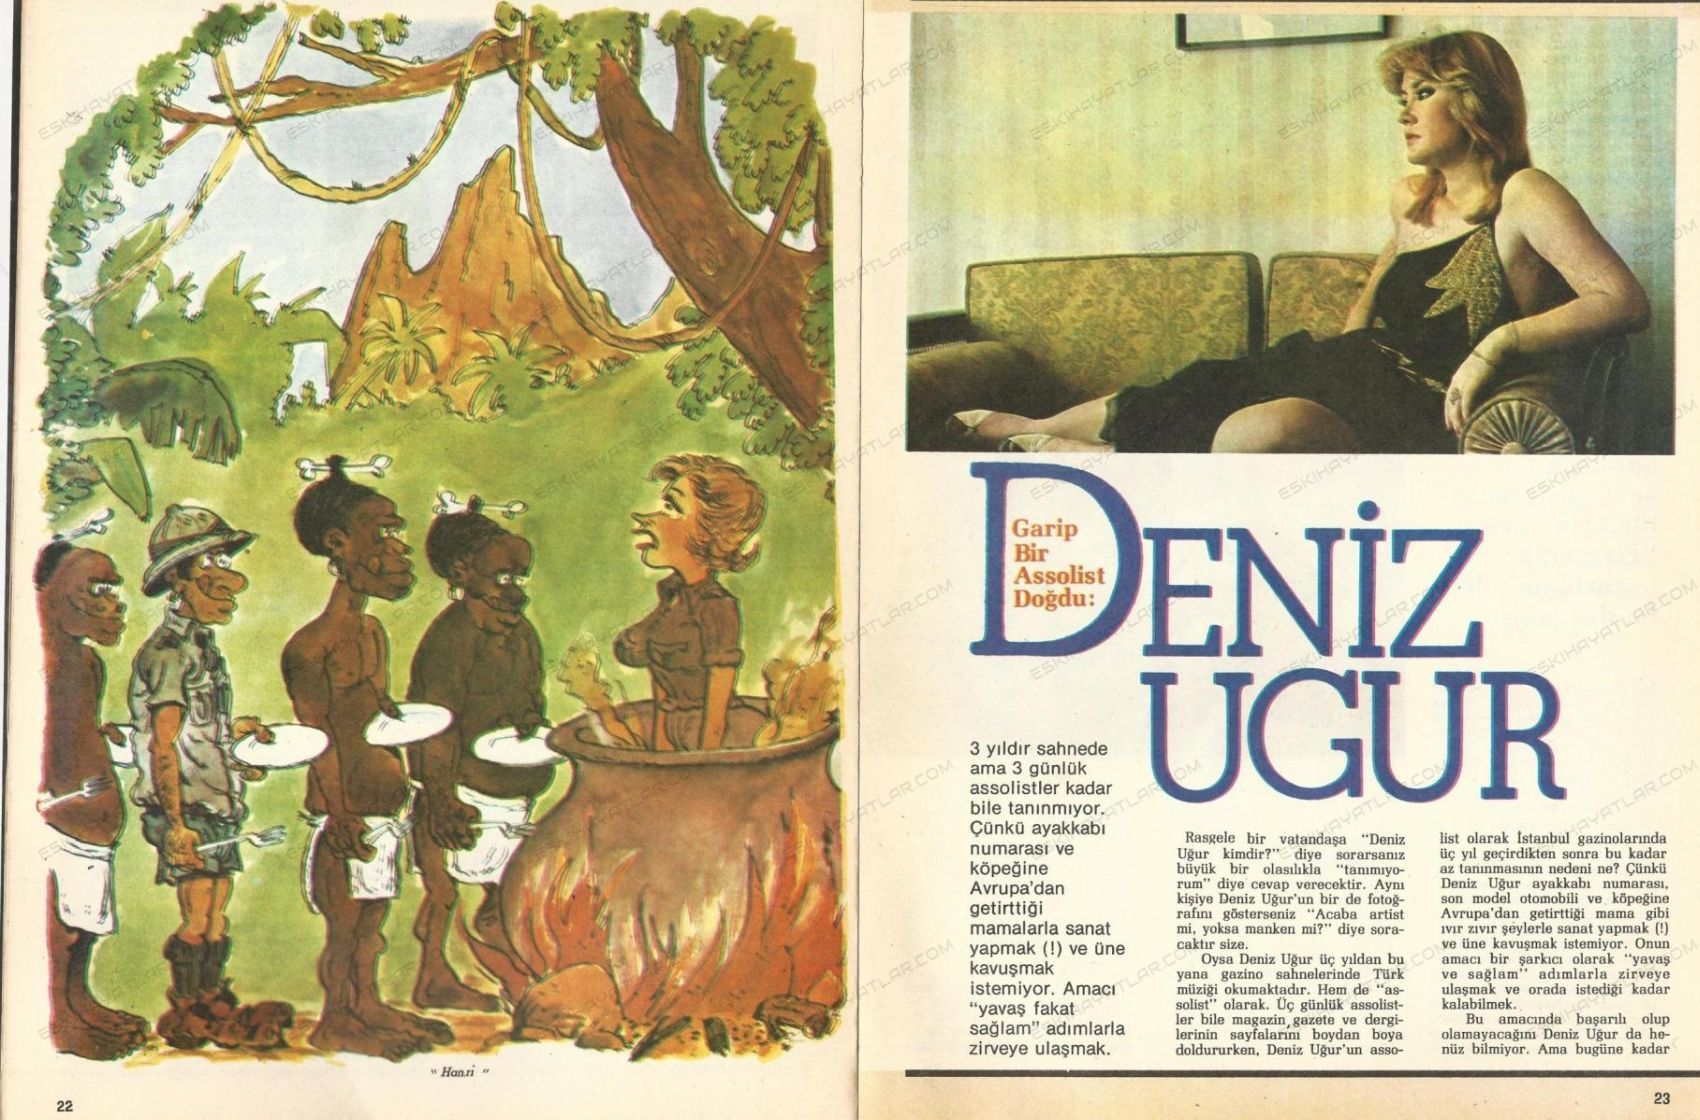 0366-seksenli-yillarin-assolistleri-1981-erkekce-dergisi-deniz-ugur (2)